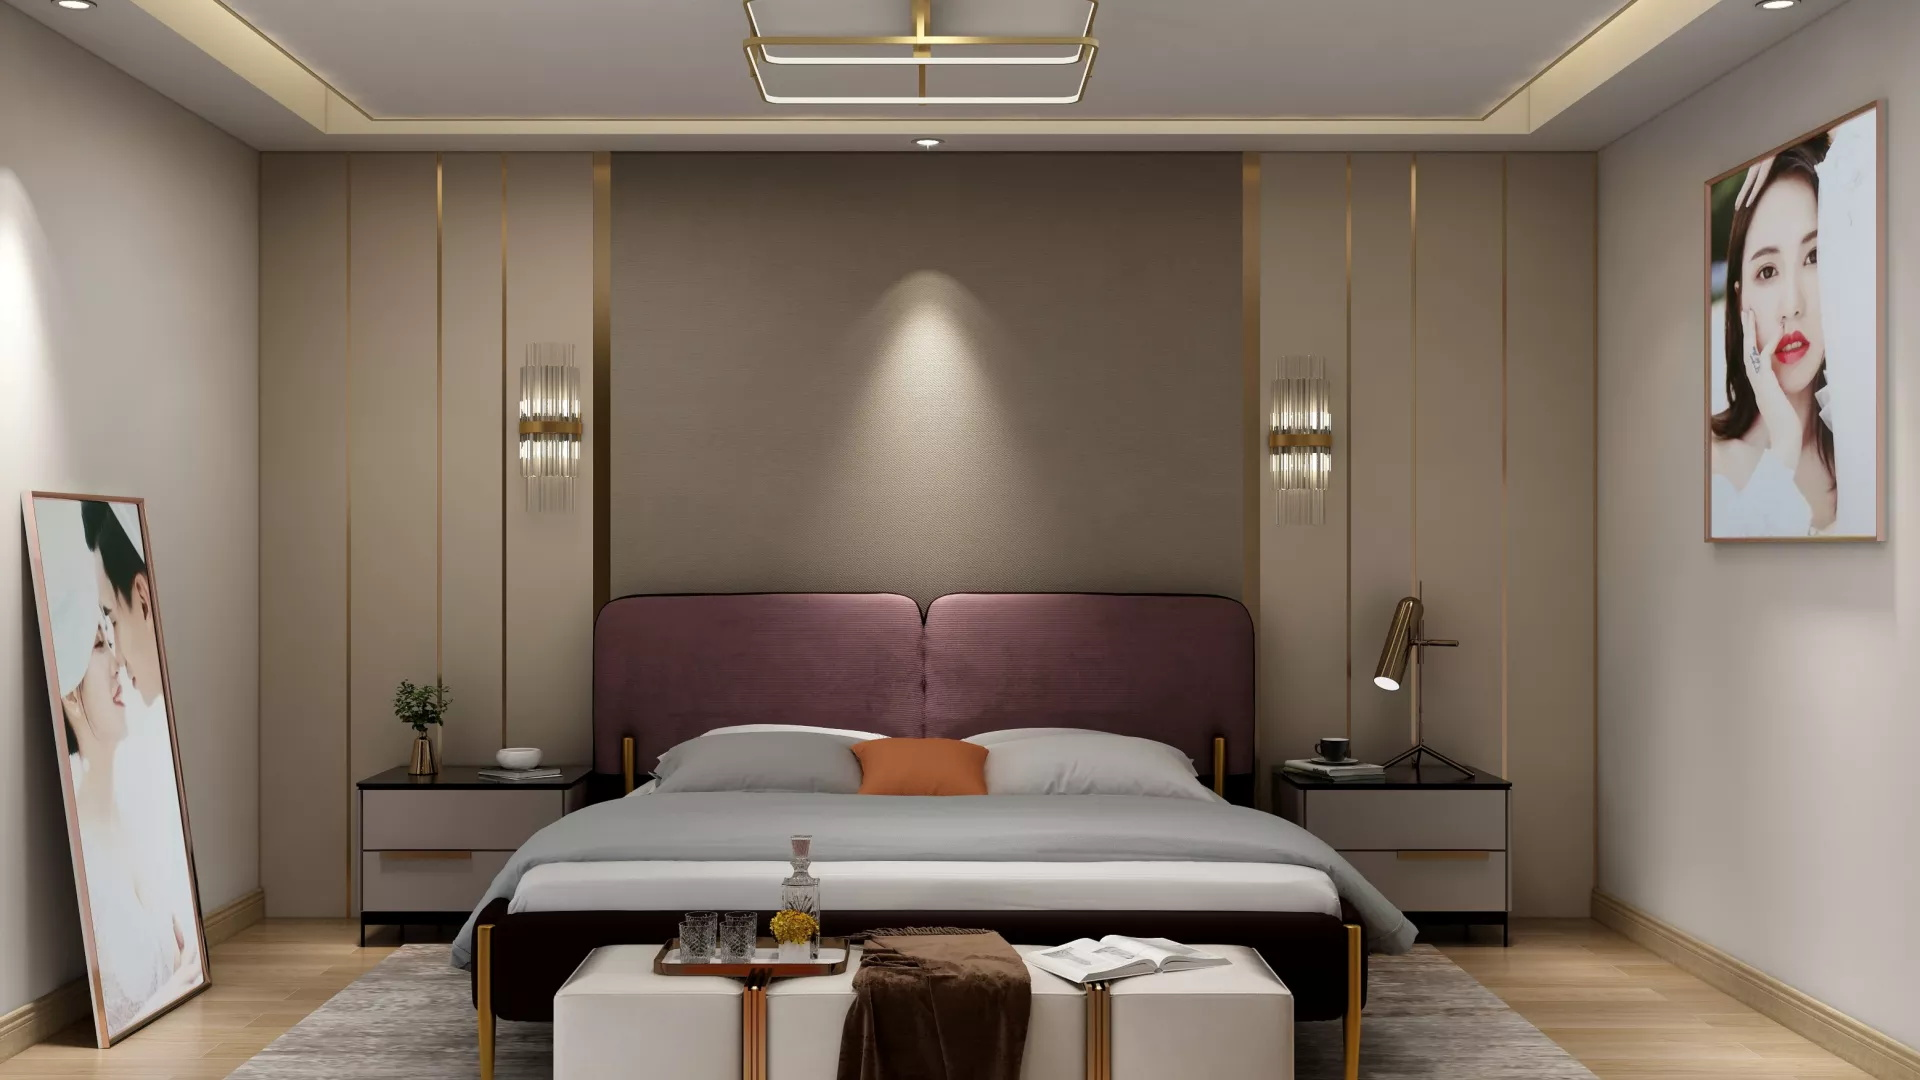 客厅沙发怎么摆舒适 客厅沙发摆放遵循的原则